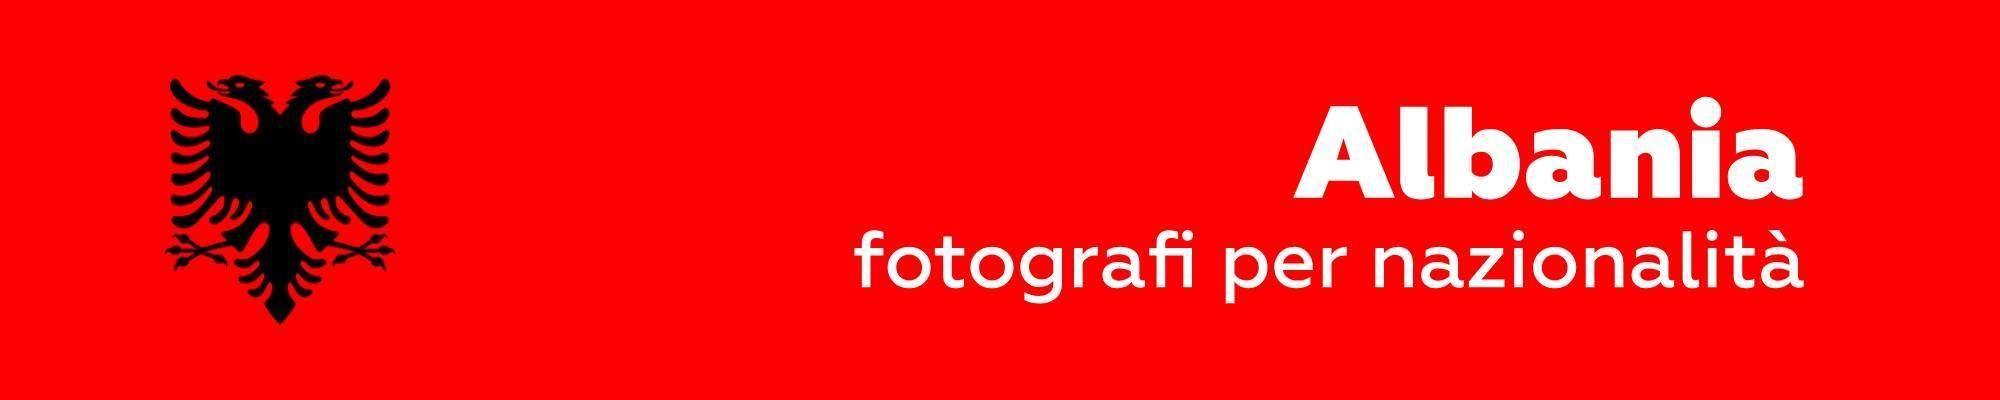 Fotografi famosi albanesi